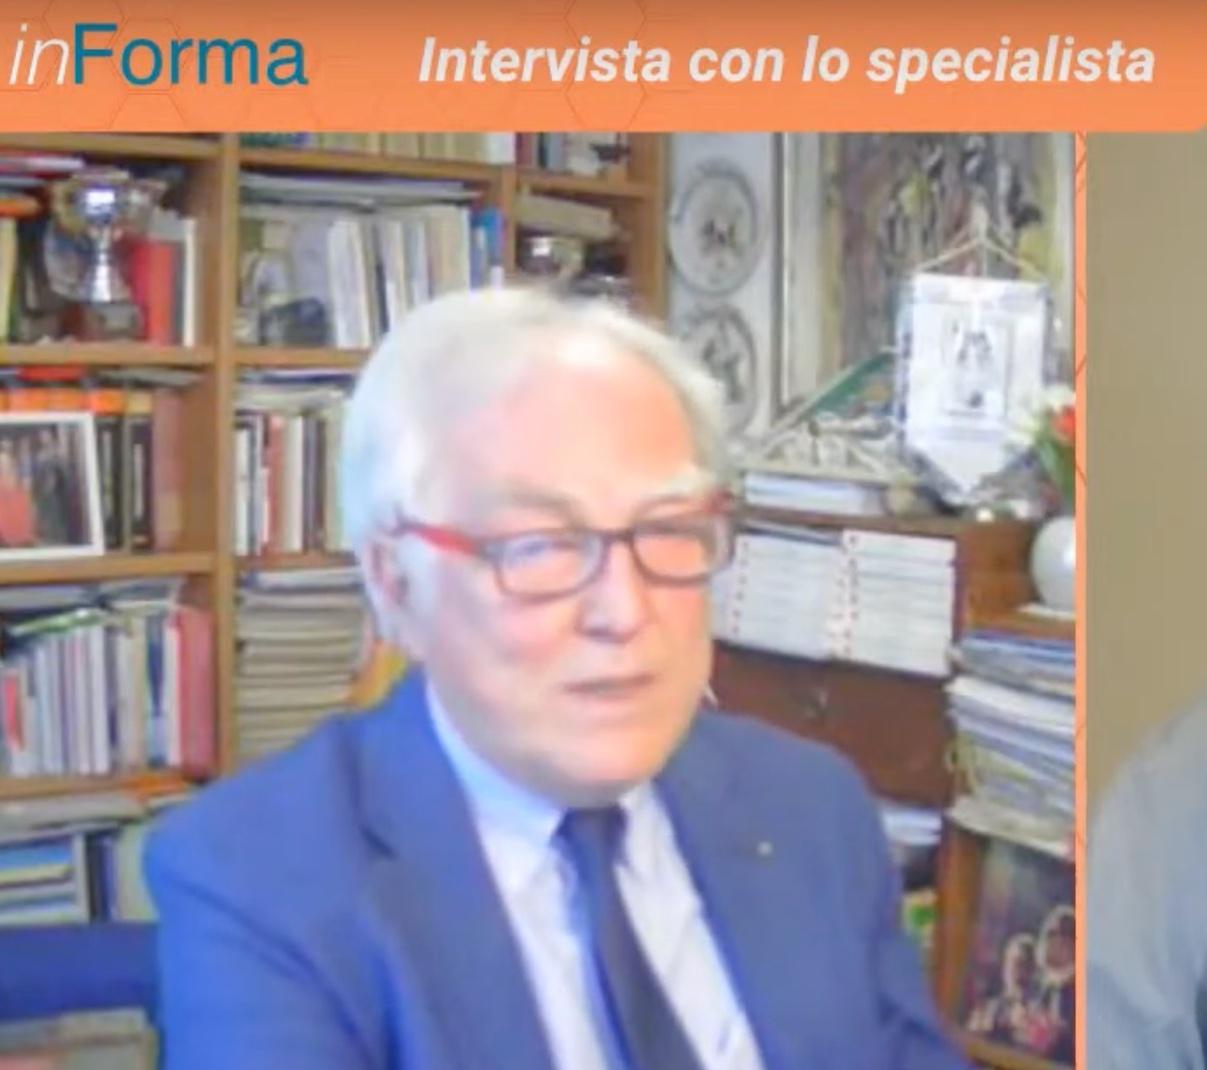 intervista-specialista-fatati